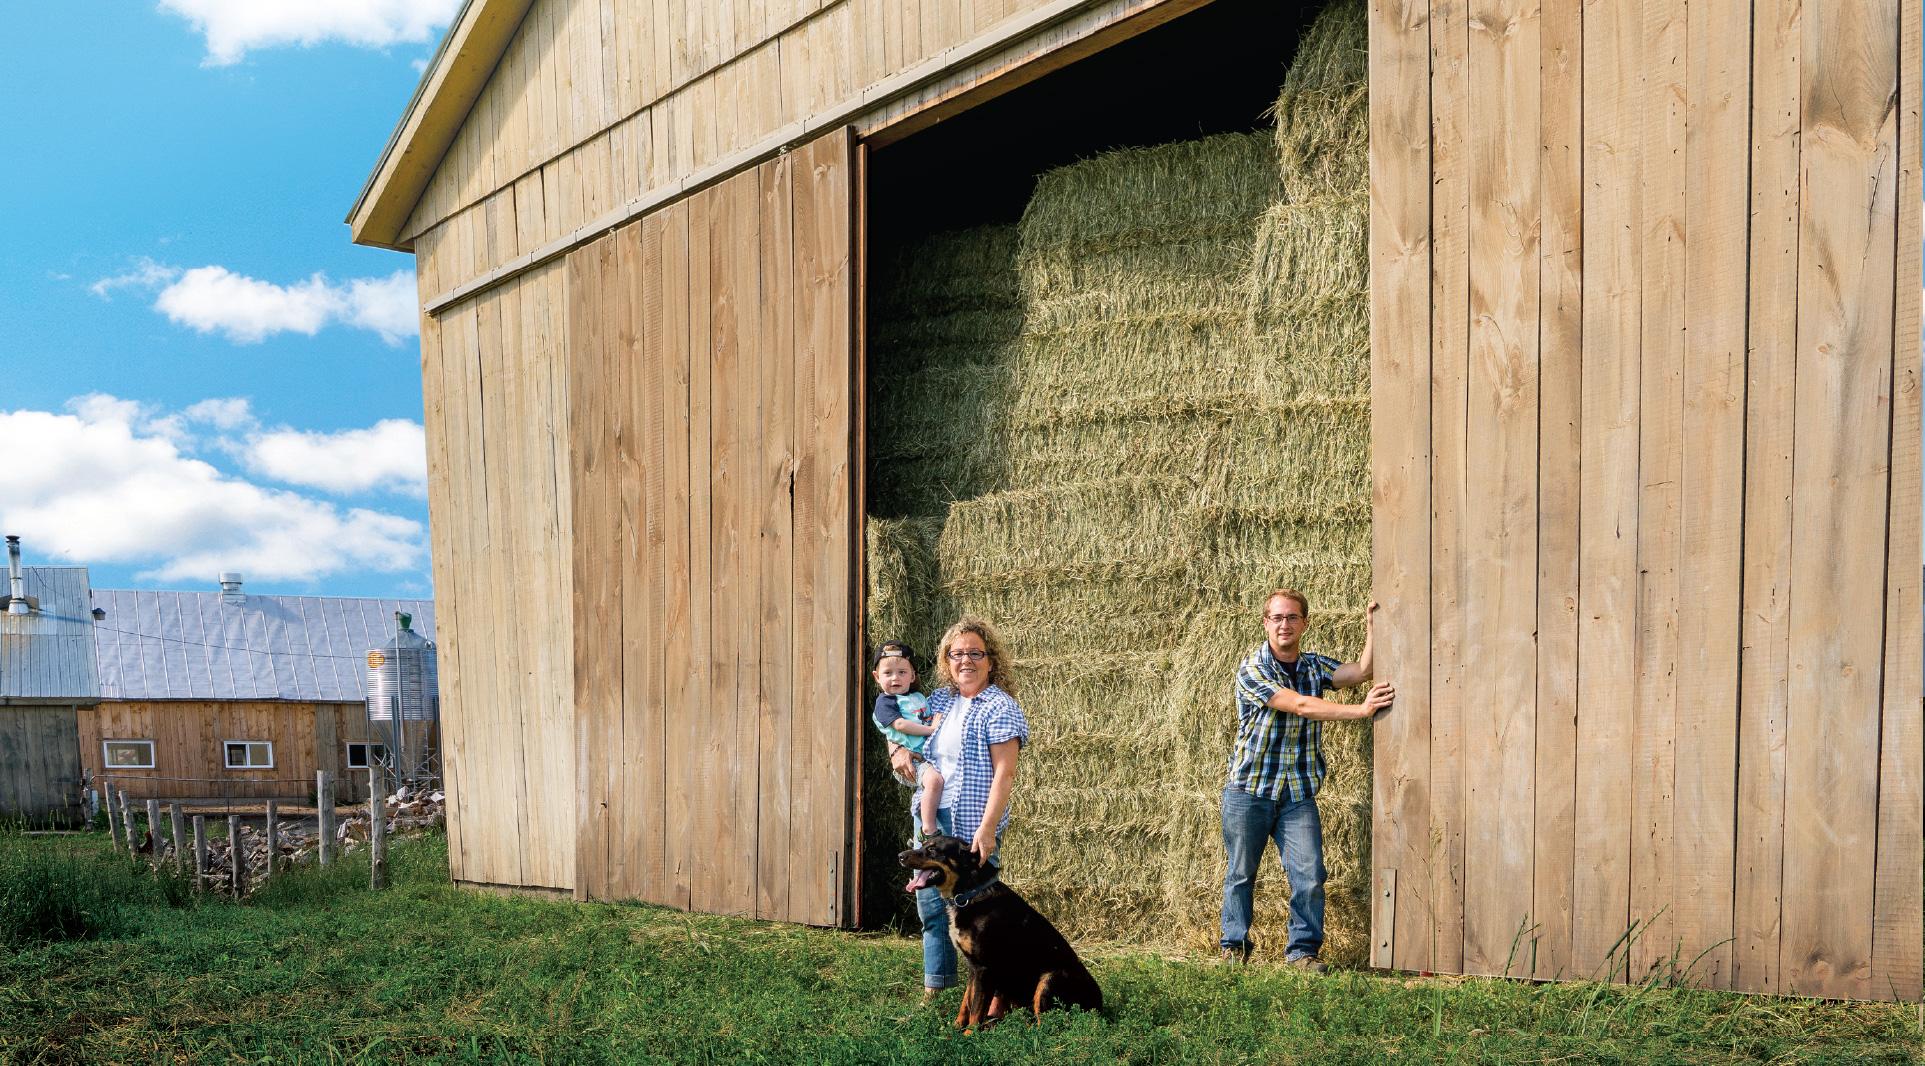 Portes ouvertes sur les fermes du qu bec upa accueil for Porte ouverte upa